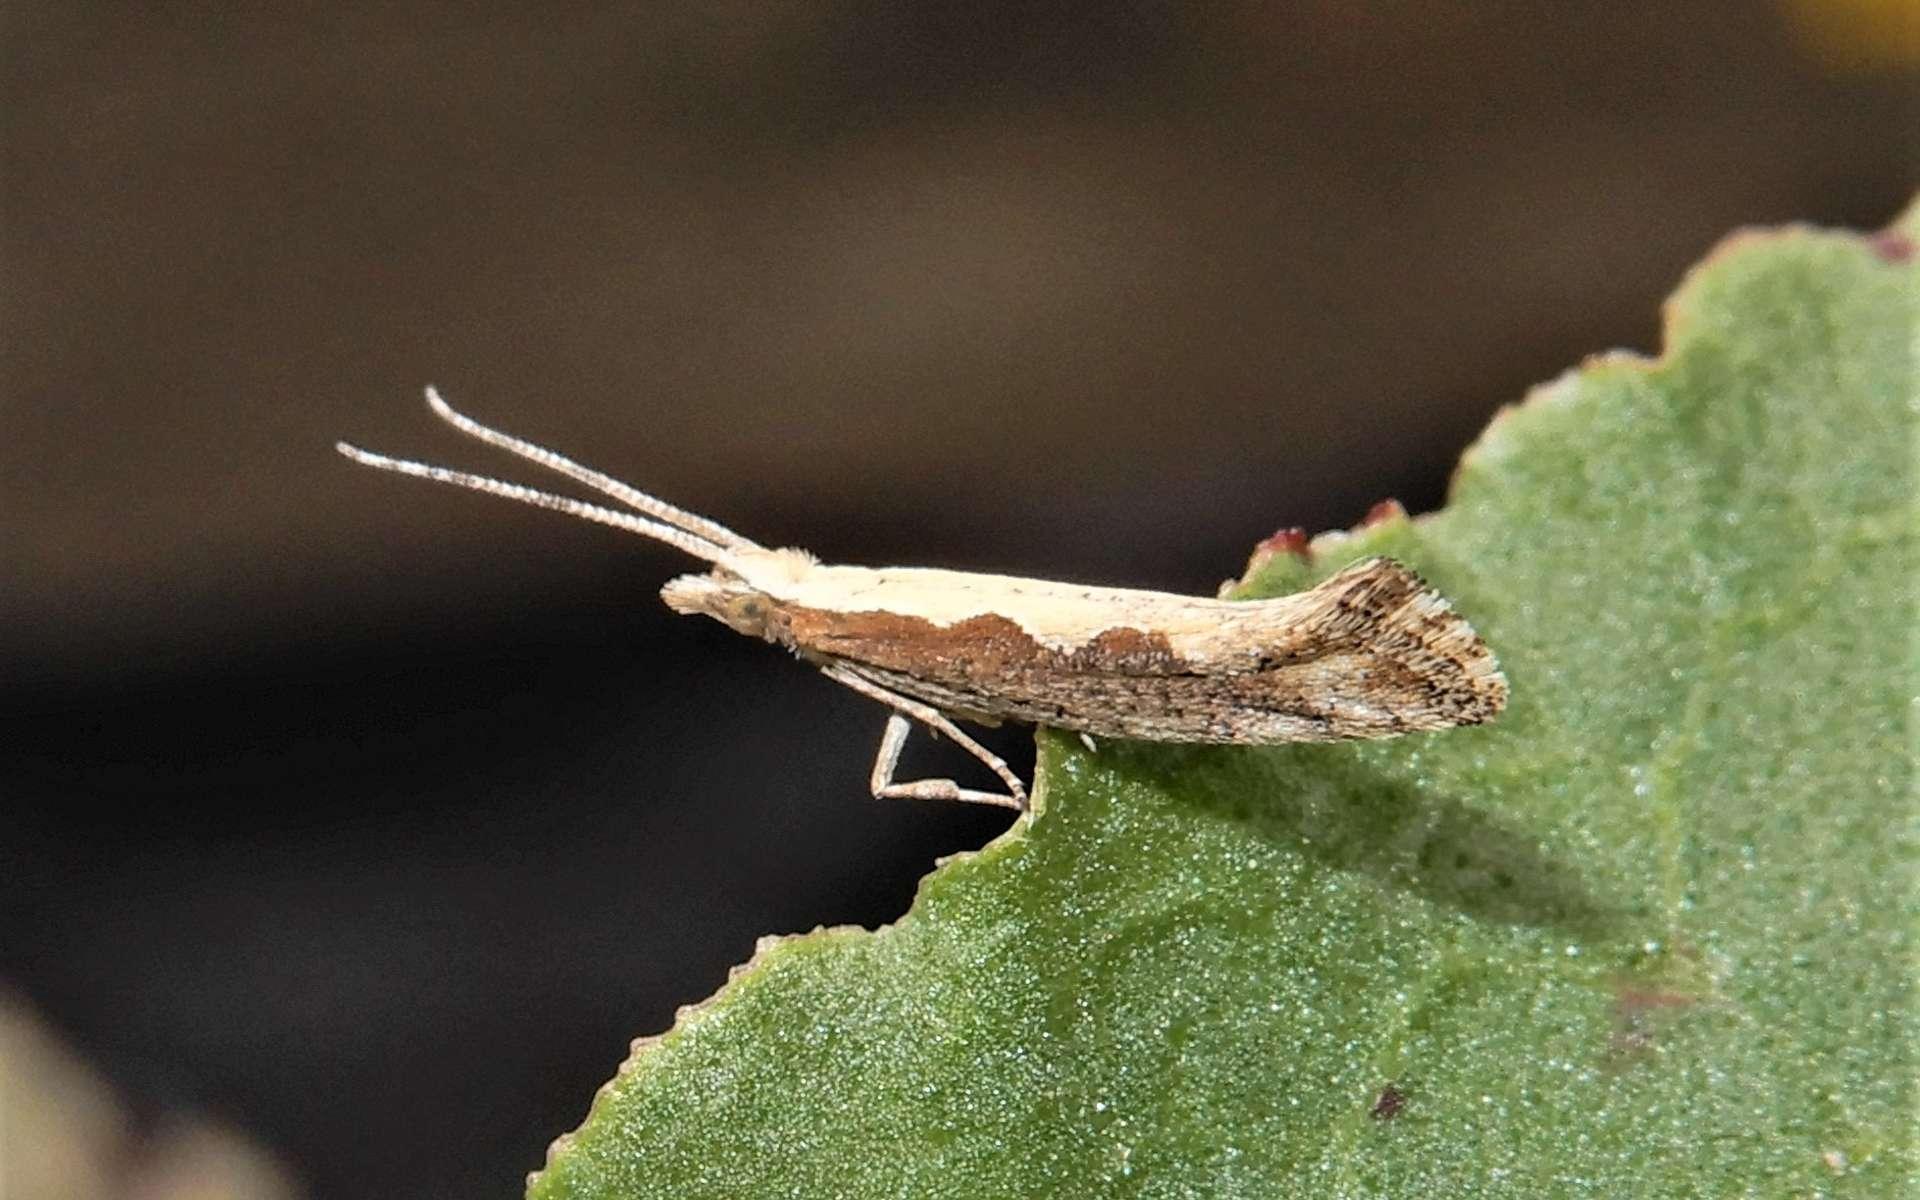 Les insectes génétiquement modifiés, une alternative aux pesticides ? © grey, iNaturalist